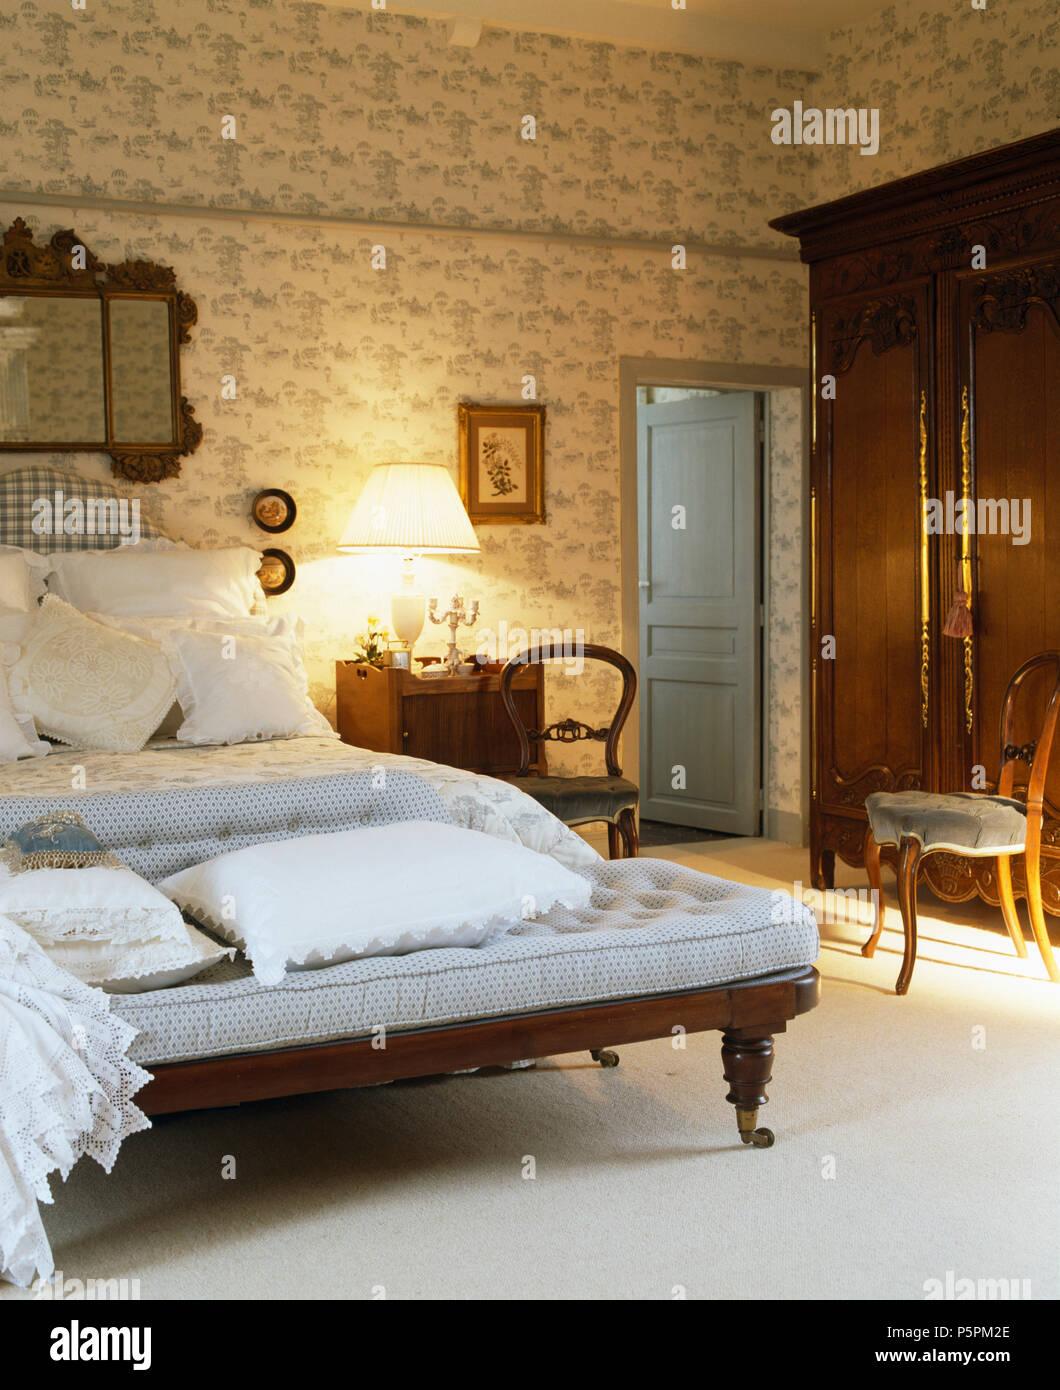 Schlafzimmer Französisch | Blass Blauen Sofa Am Fusse Des Bett Mit Weisser Bettwasche Im